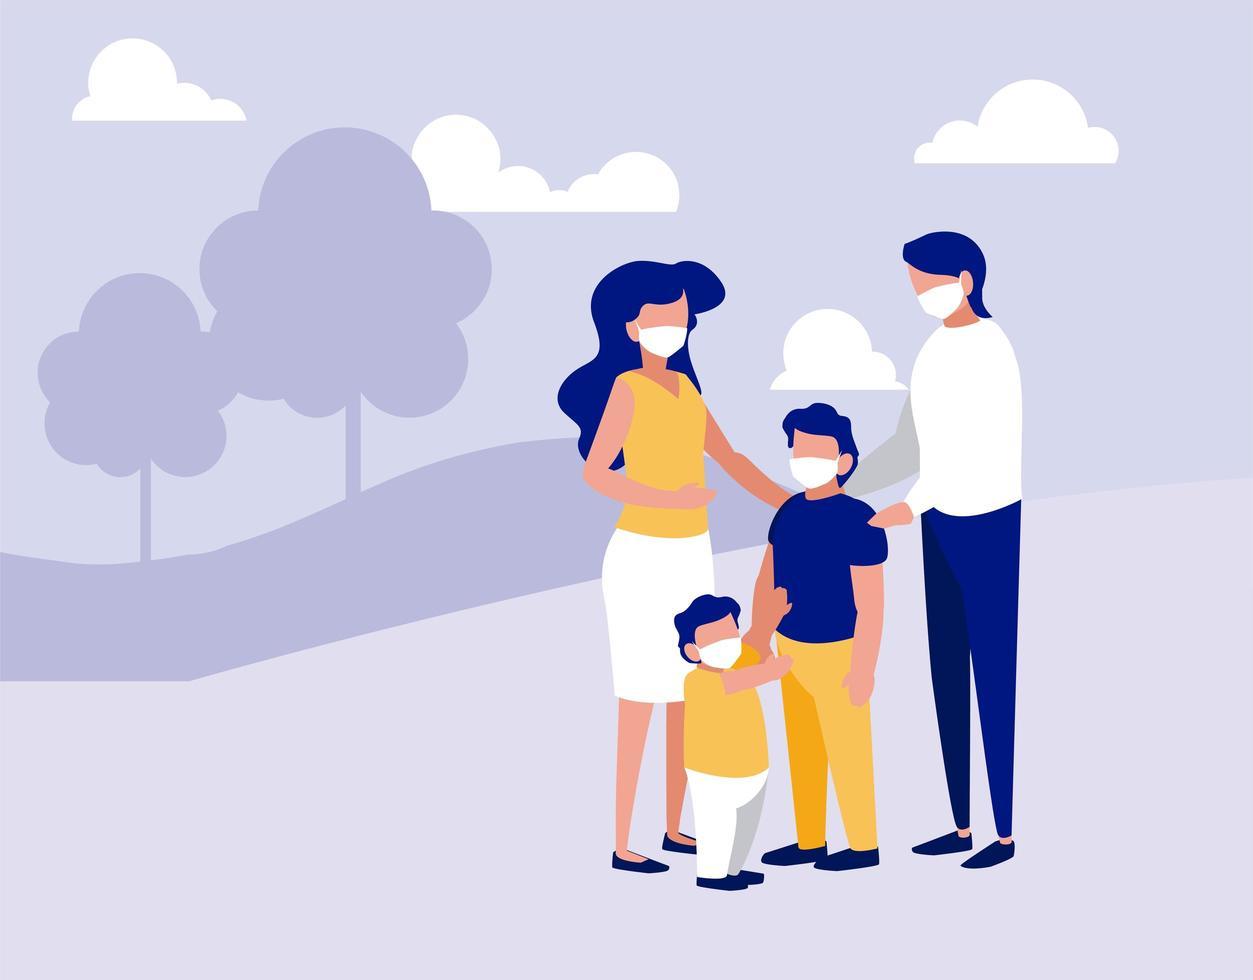 família com máscaras no parque com desenho vetorial de árvores vetor